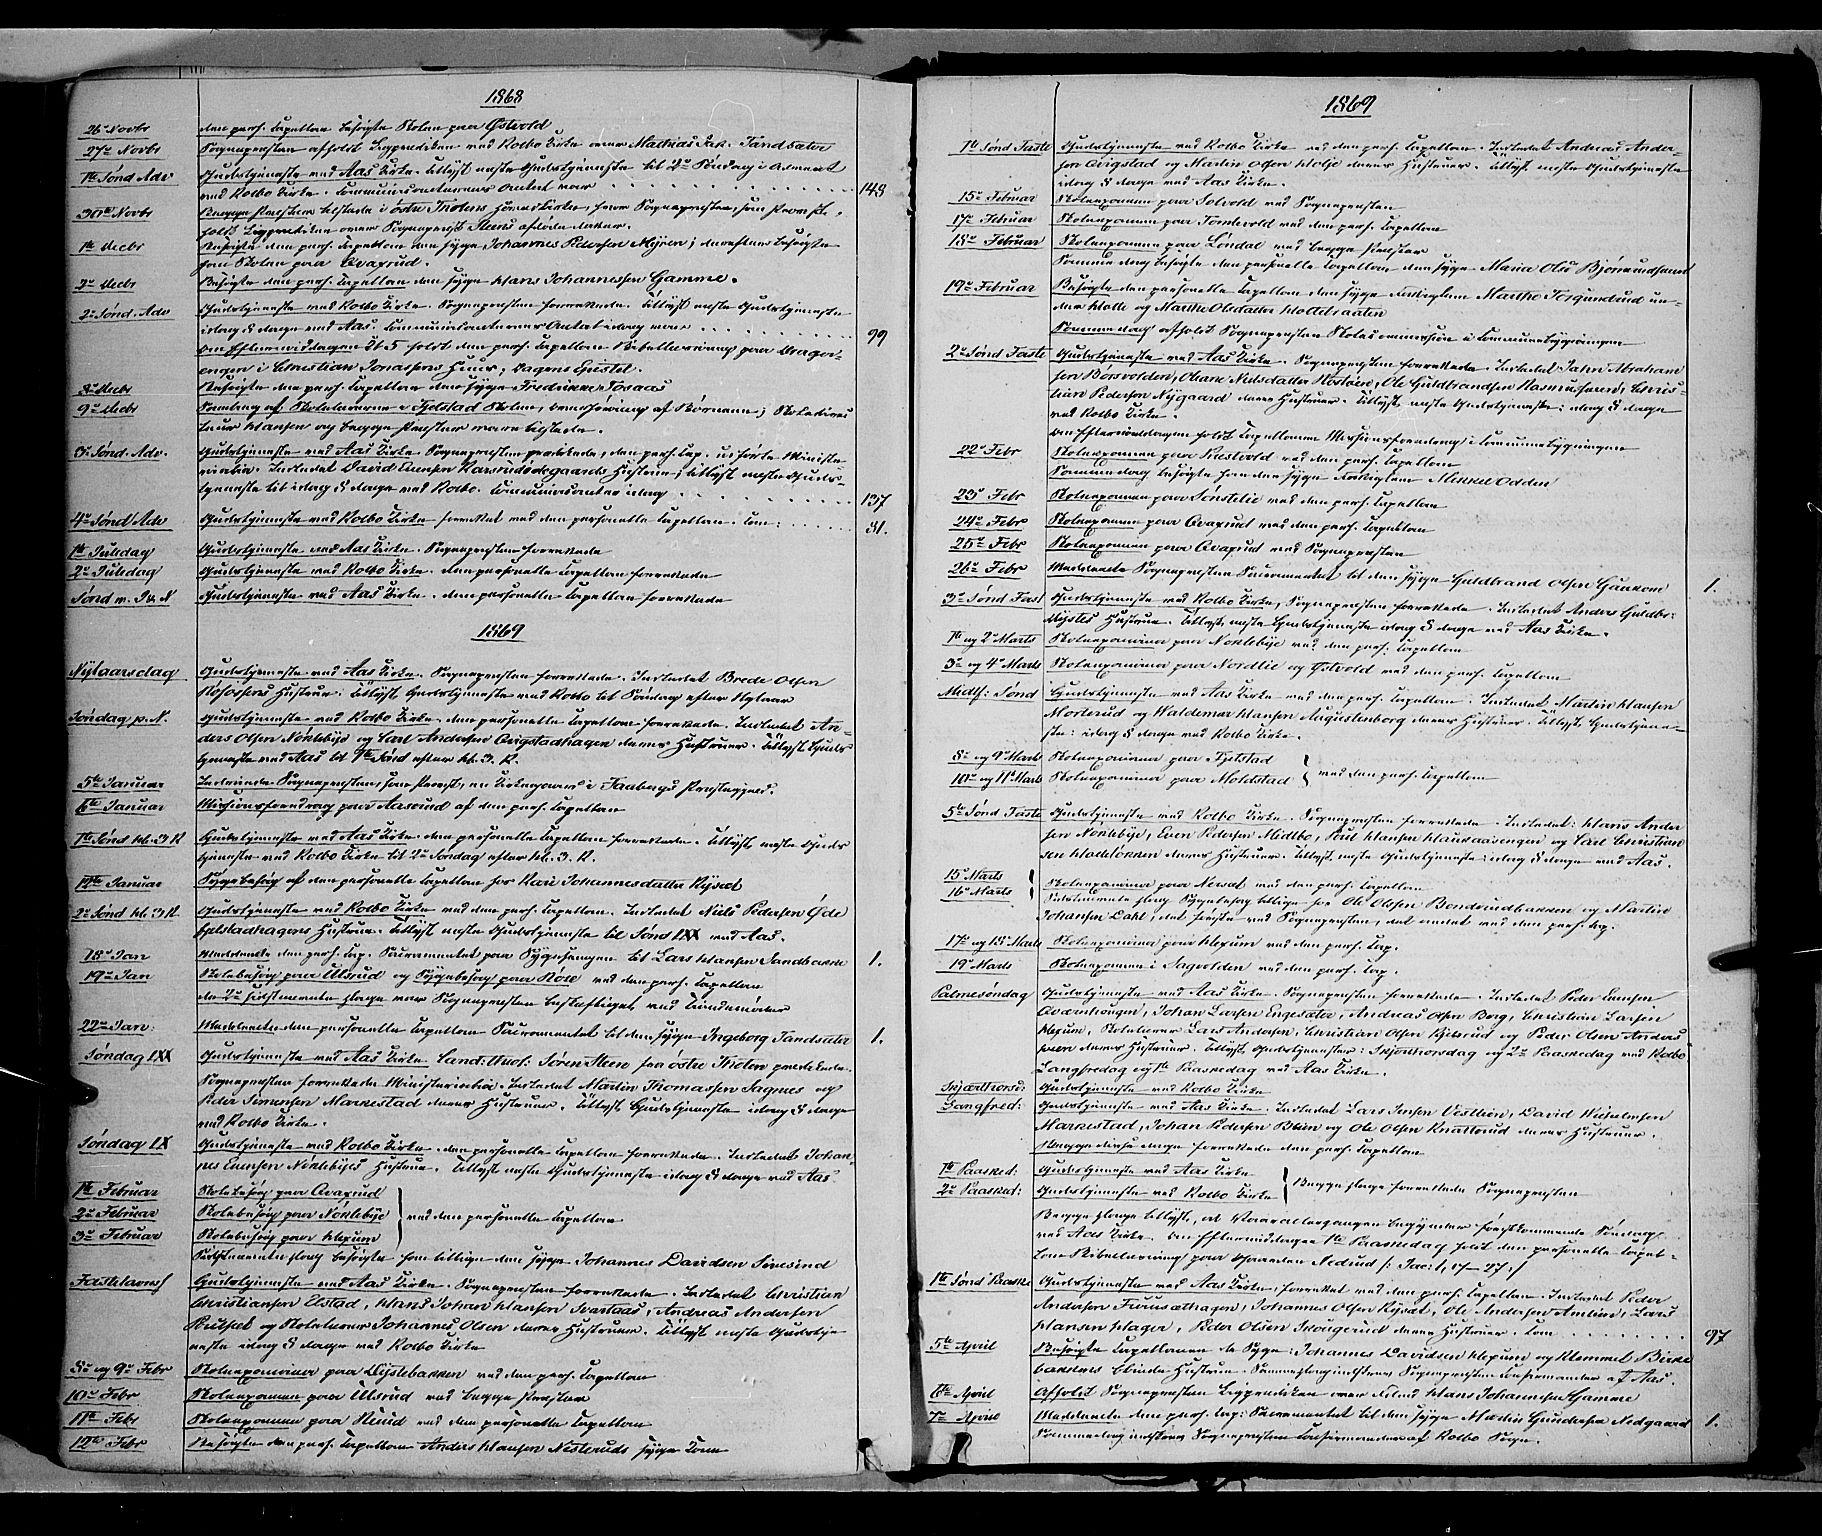 SAH, Vestre Toten prestekontor, Ministerialbok nr. 7, 1862-1869, s. 380